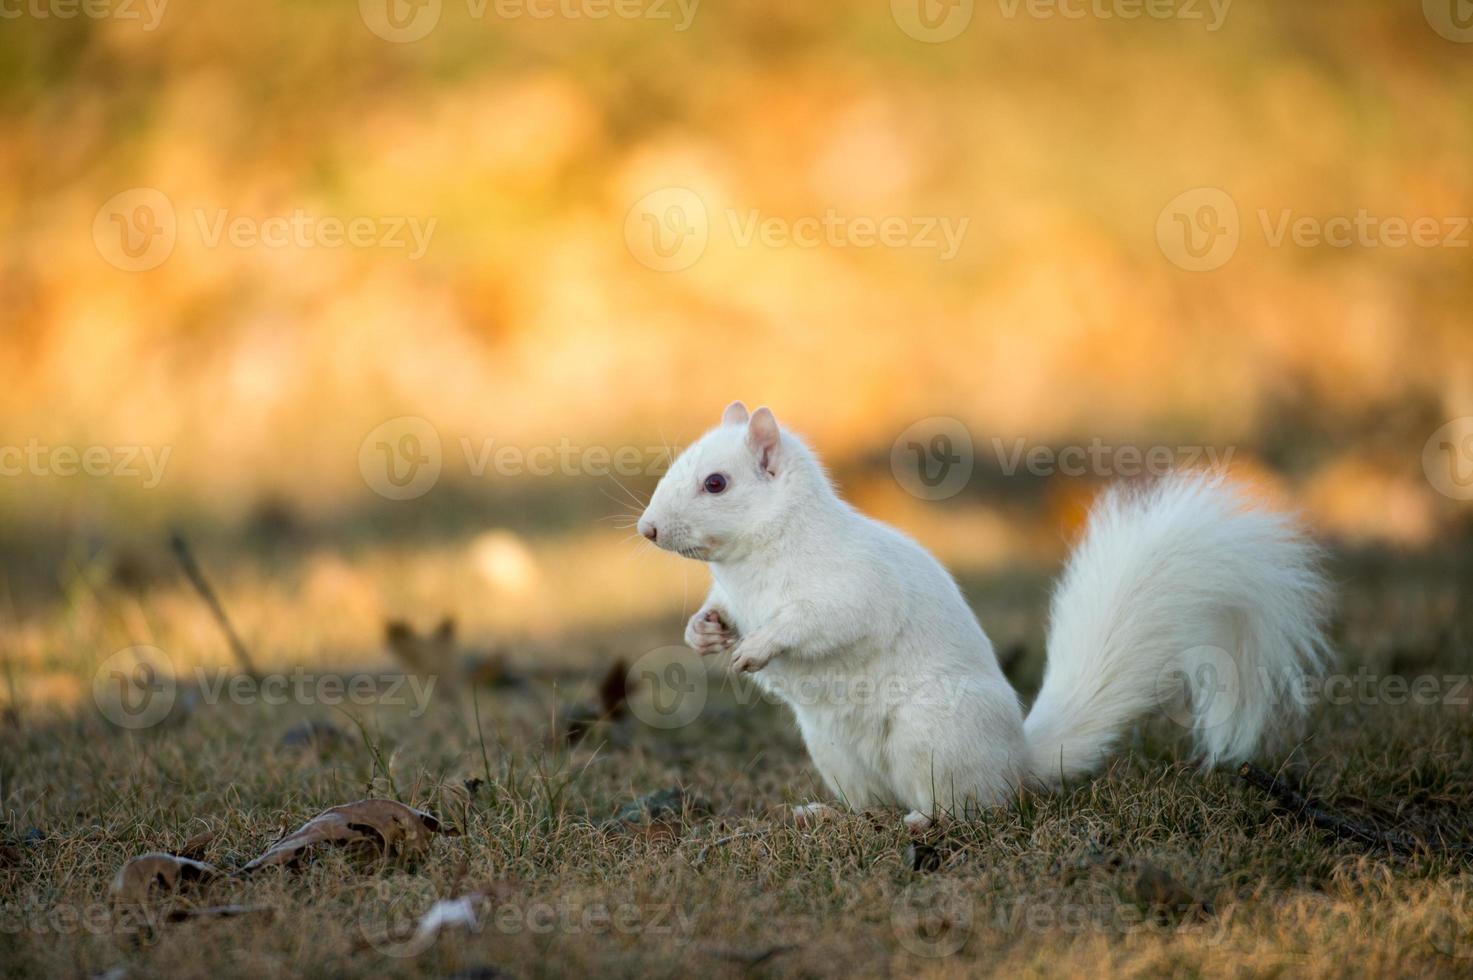 scoiattolo bianco seppellire le noci foto